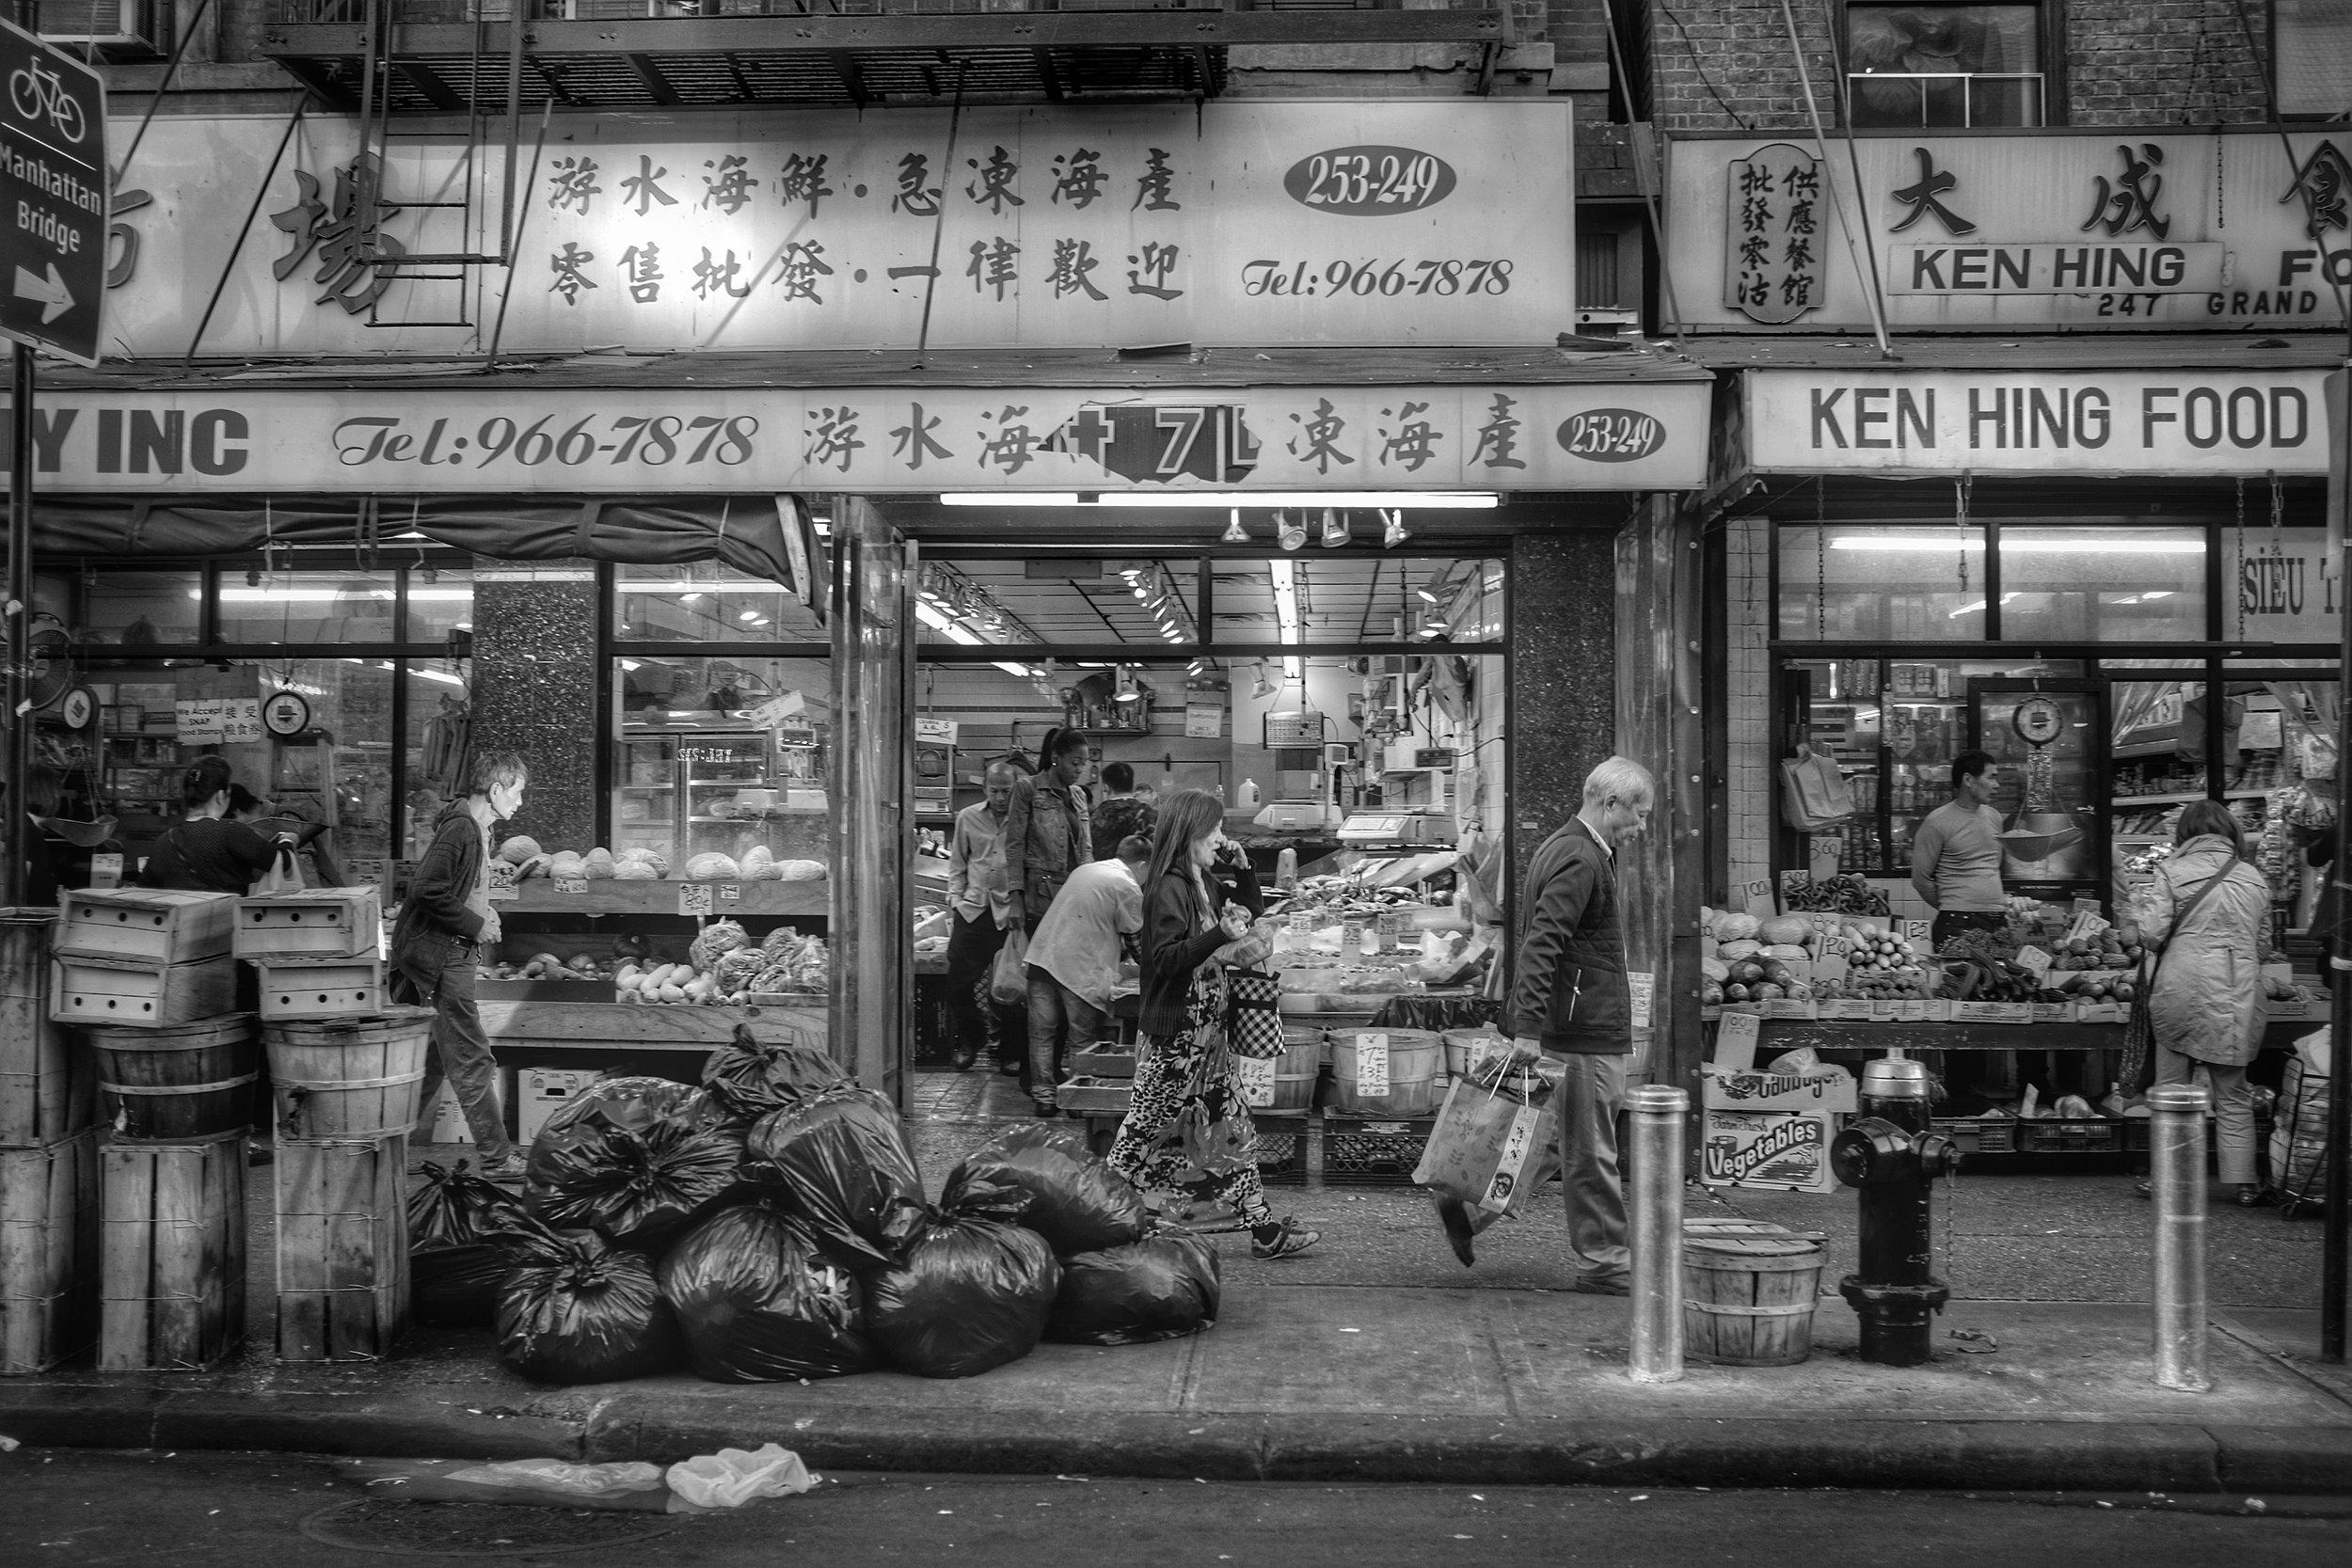 Ken Hing Food. Canal Street. Chinatown. New York City. 2016. © Matthew Kraus.